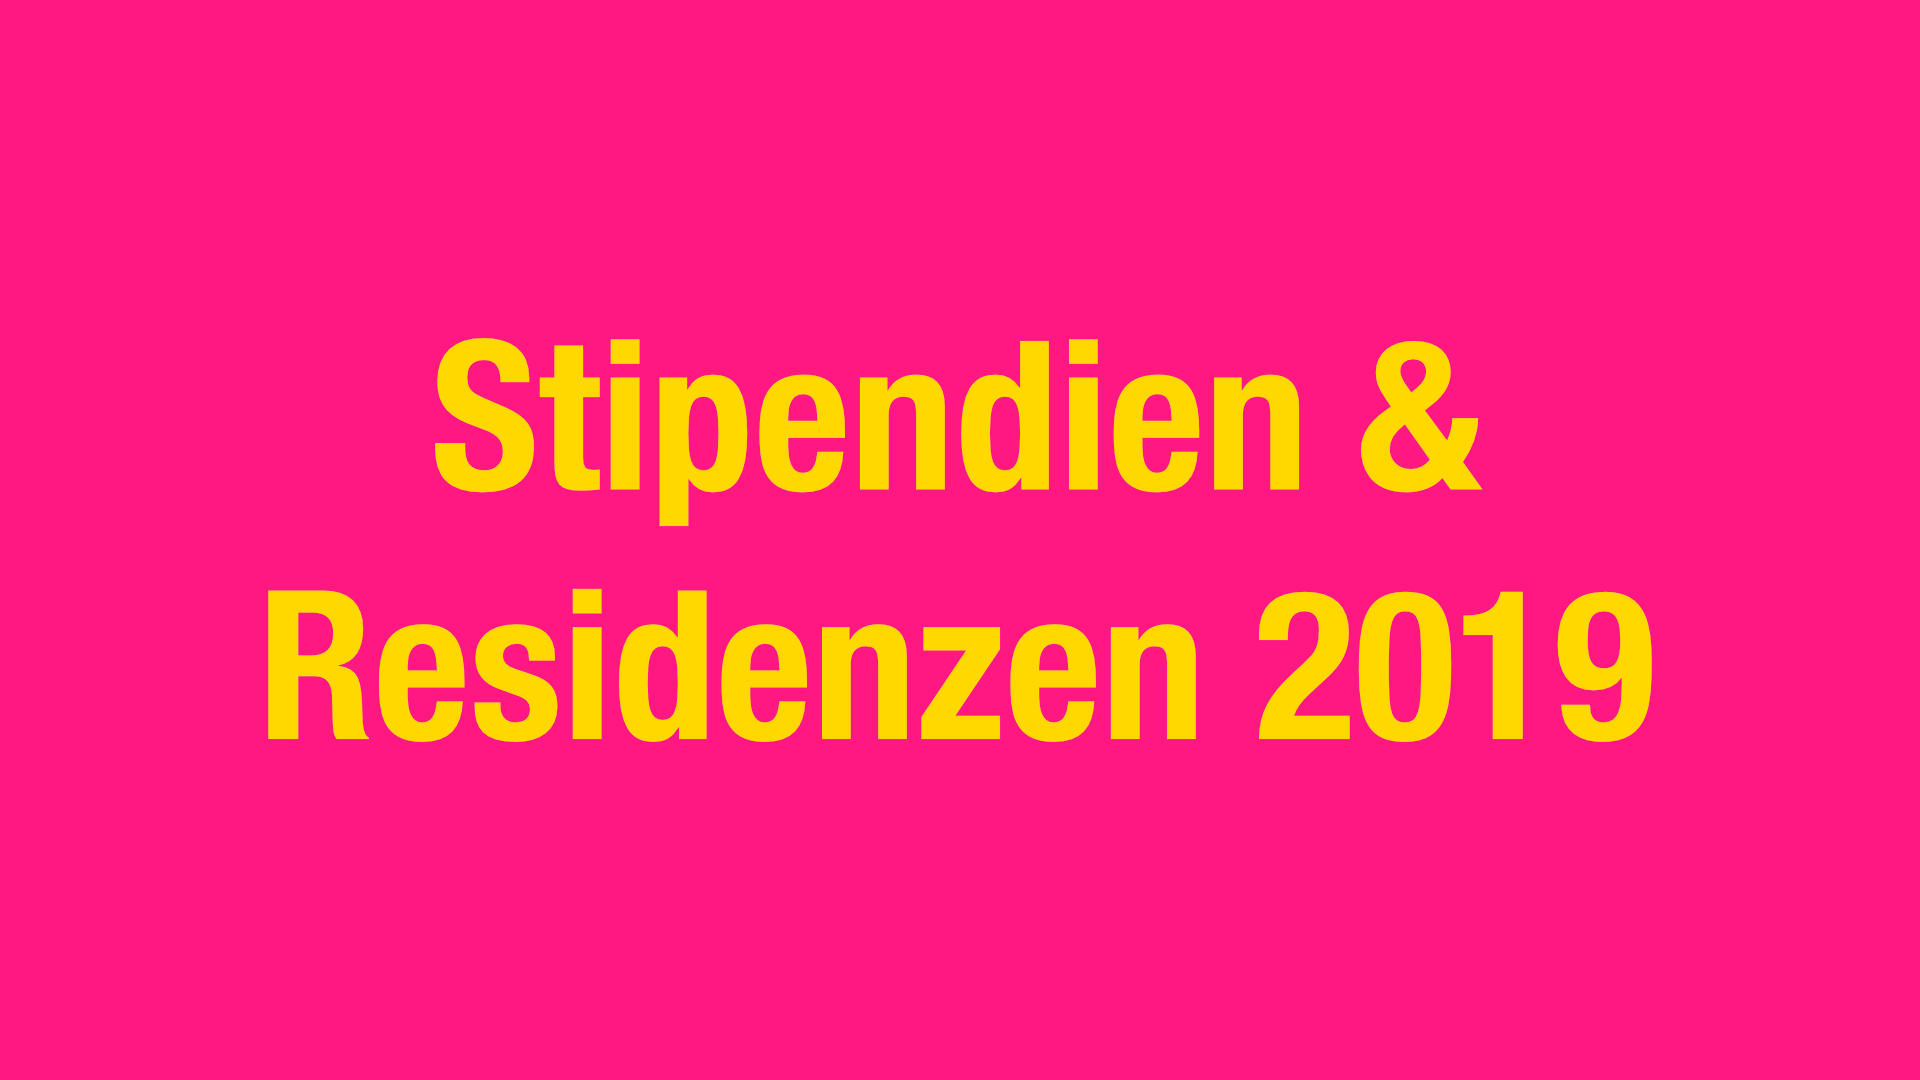 Stipendien & Residenzen 2019